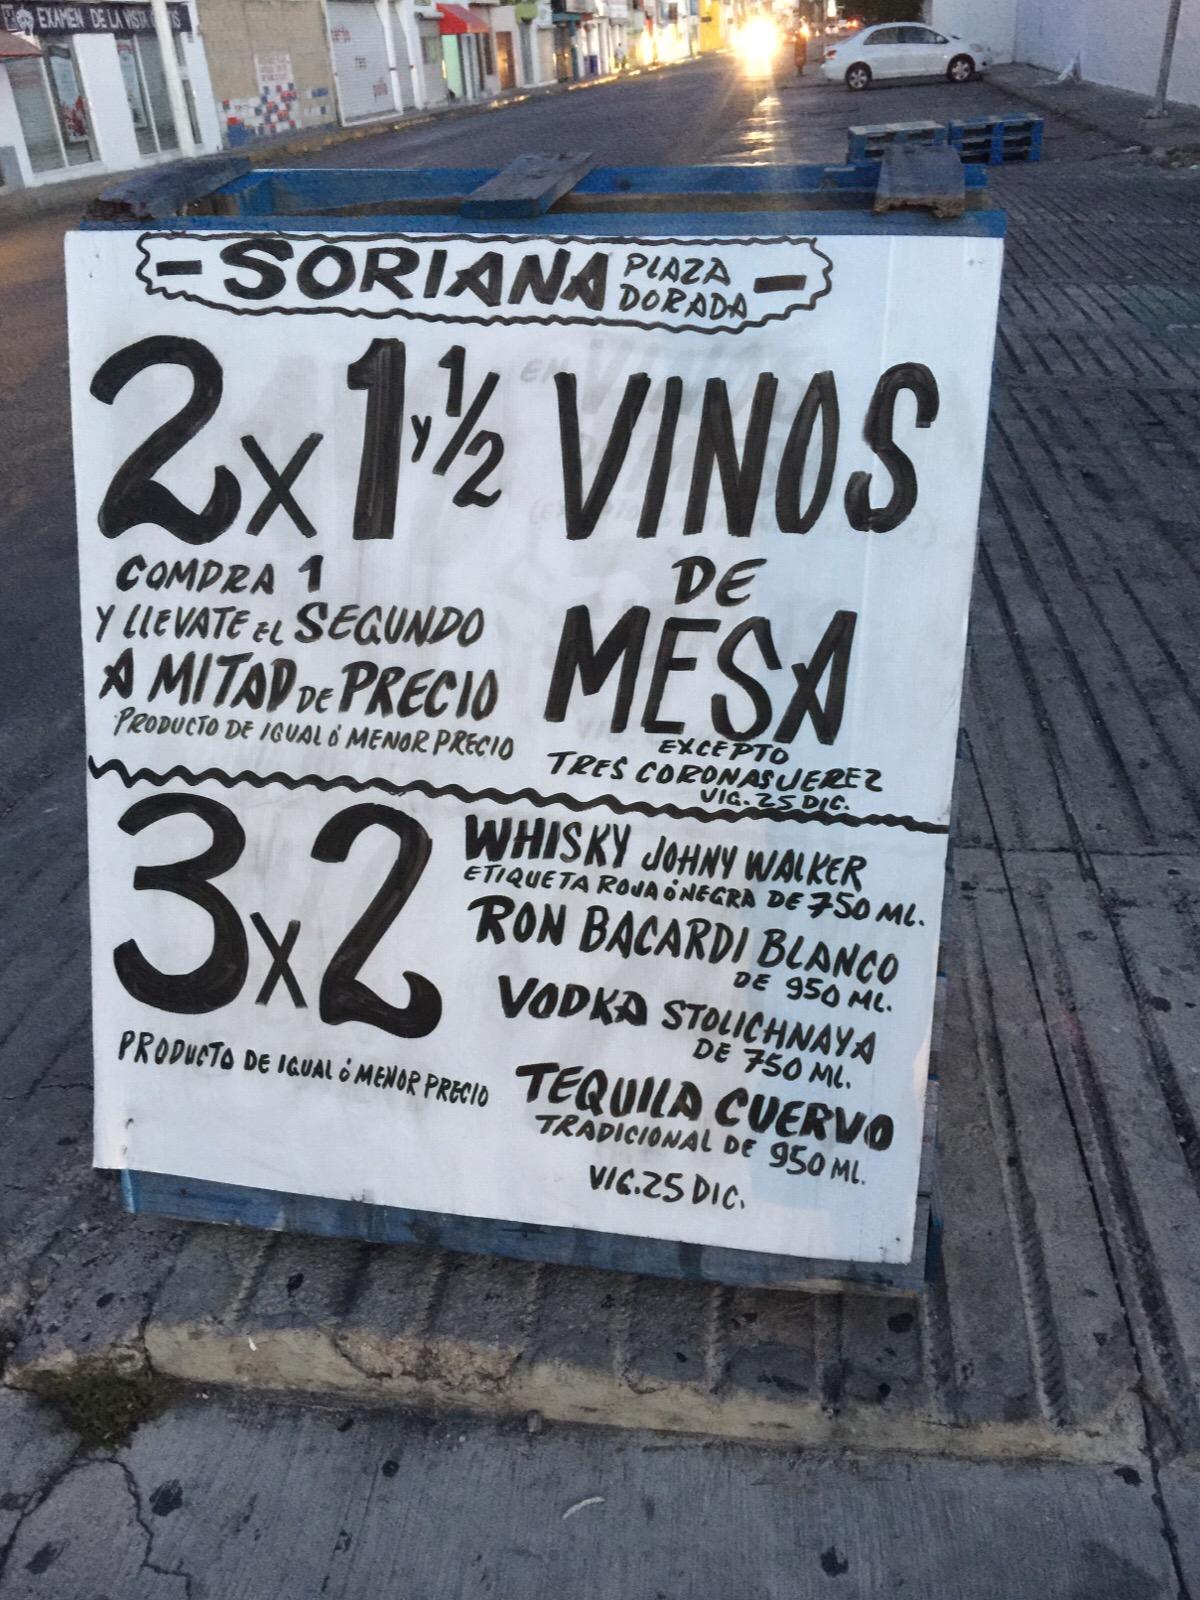 SORIANA: vinos de mesa 2x1 y medio y whisky al 3x2